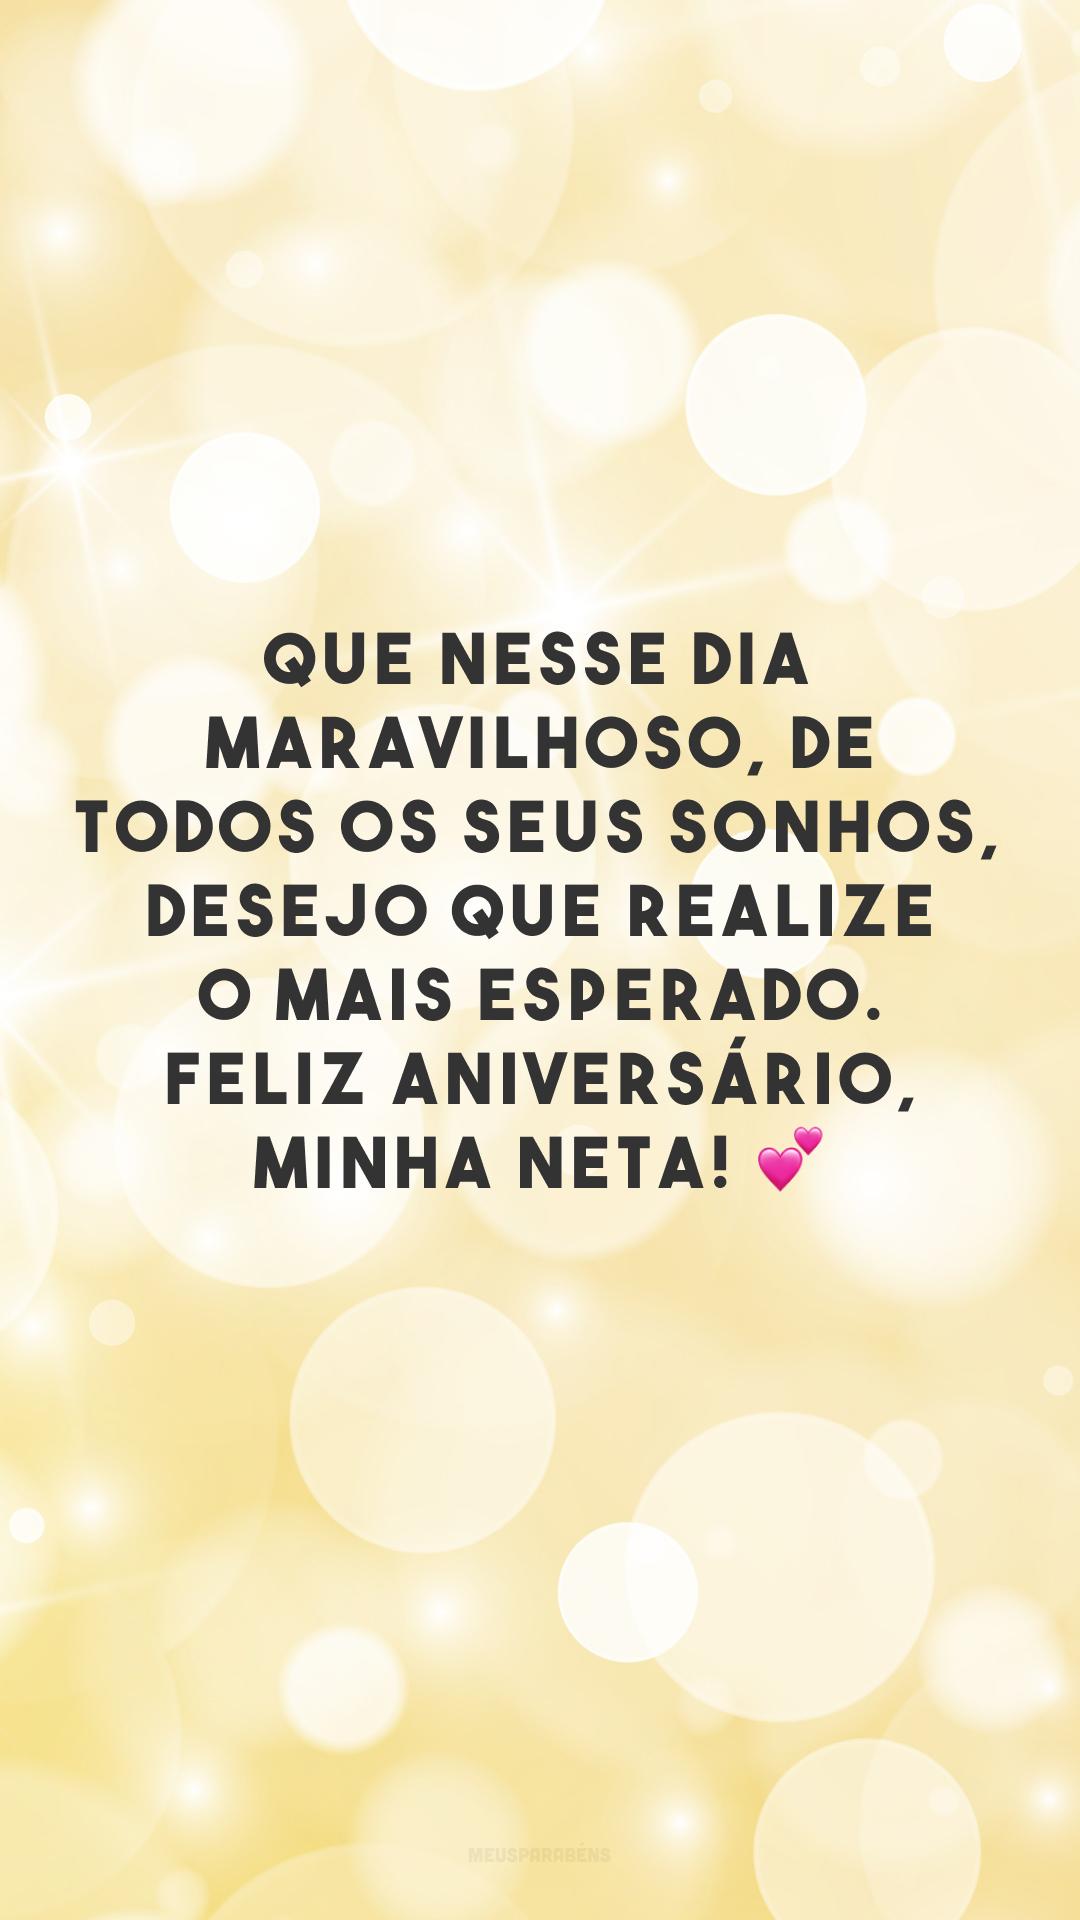 Que nesse dia maravilhoso, de todos os seus sonhos, desejo que realize o mais esperado. Feliz aniversário, minha neta! 💕